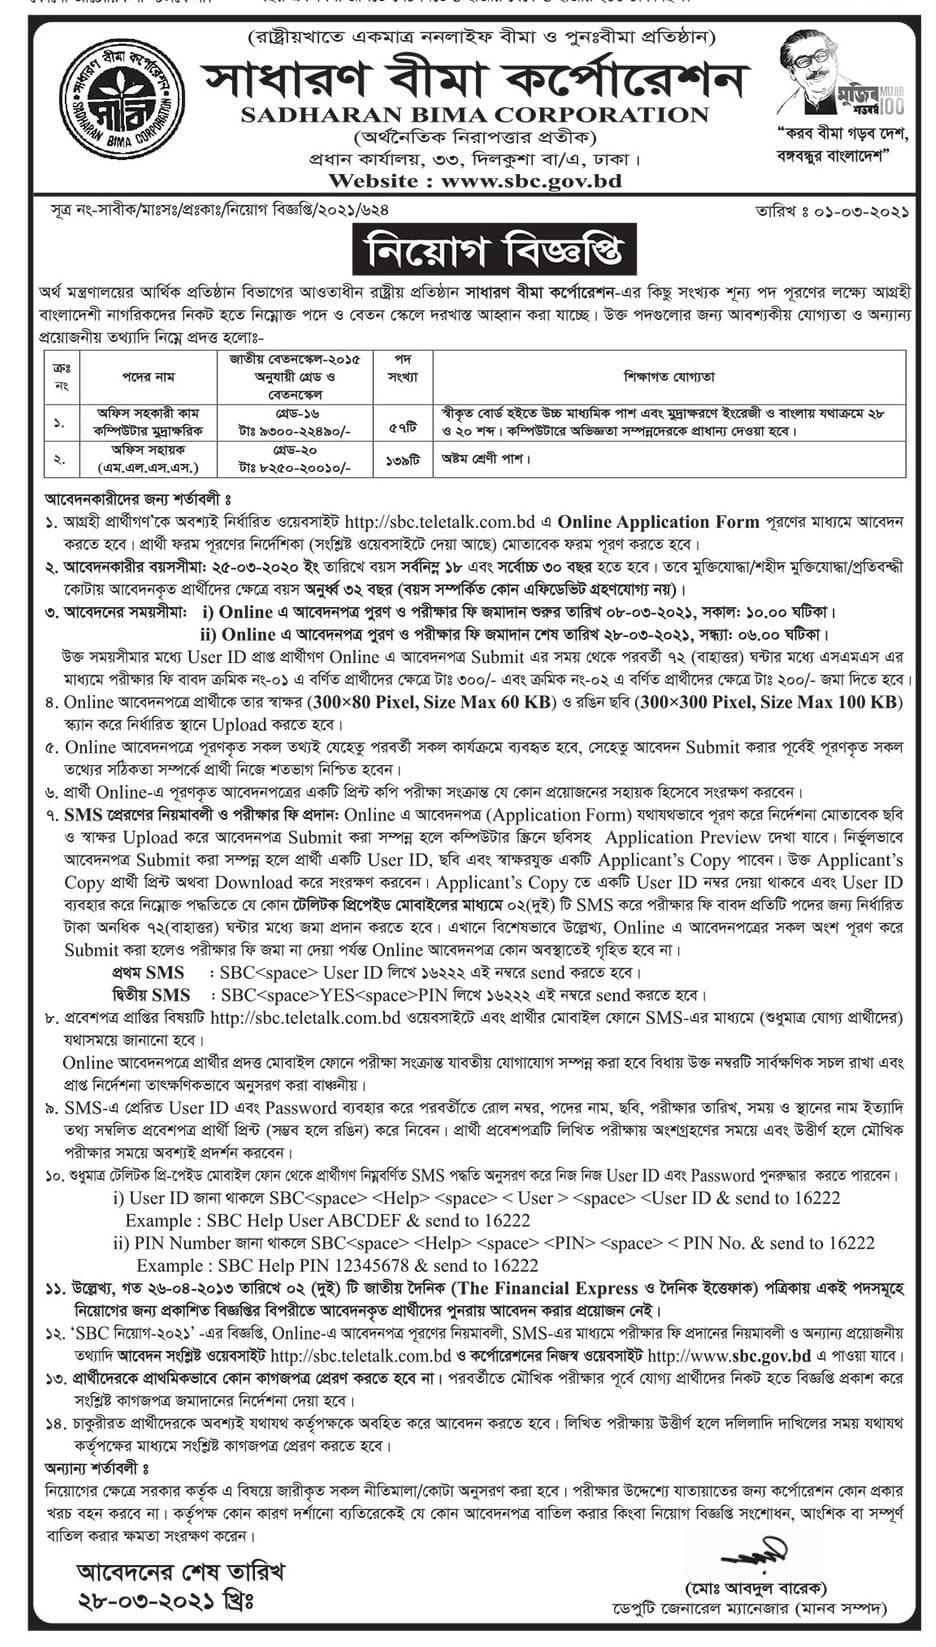 Sadharan Bima Corporation SBC Job Circular 2021